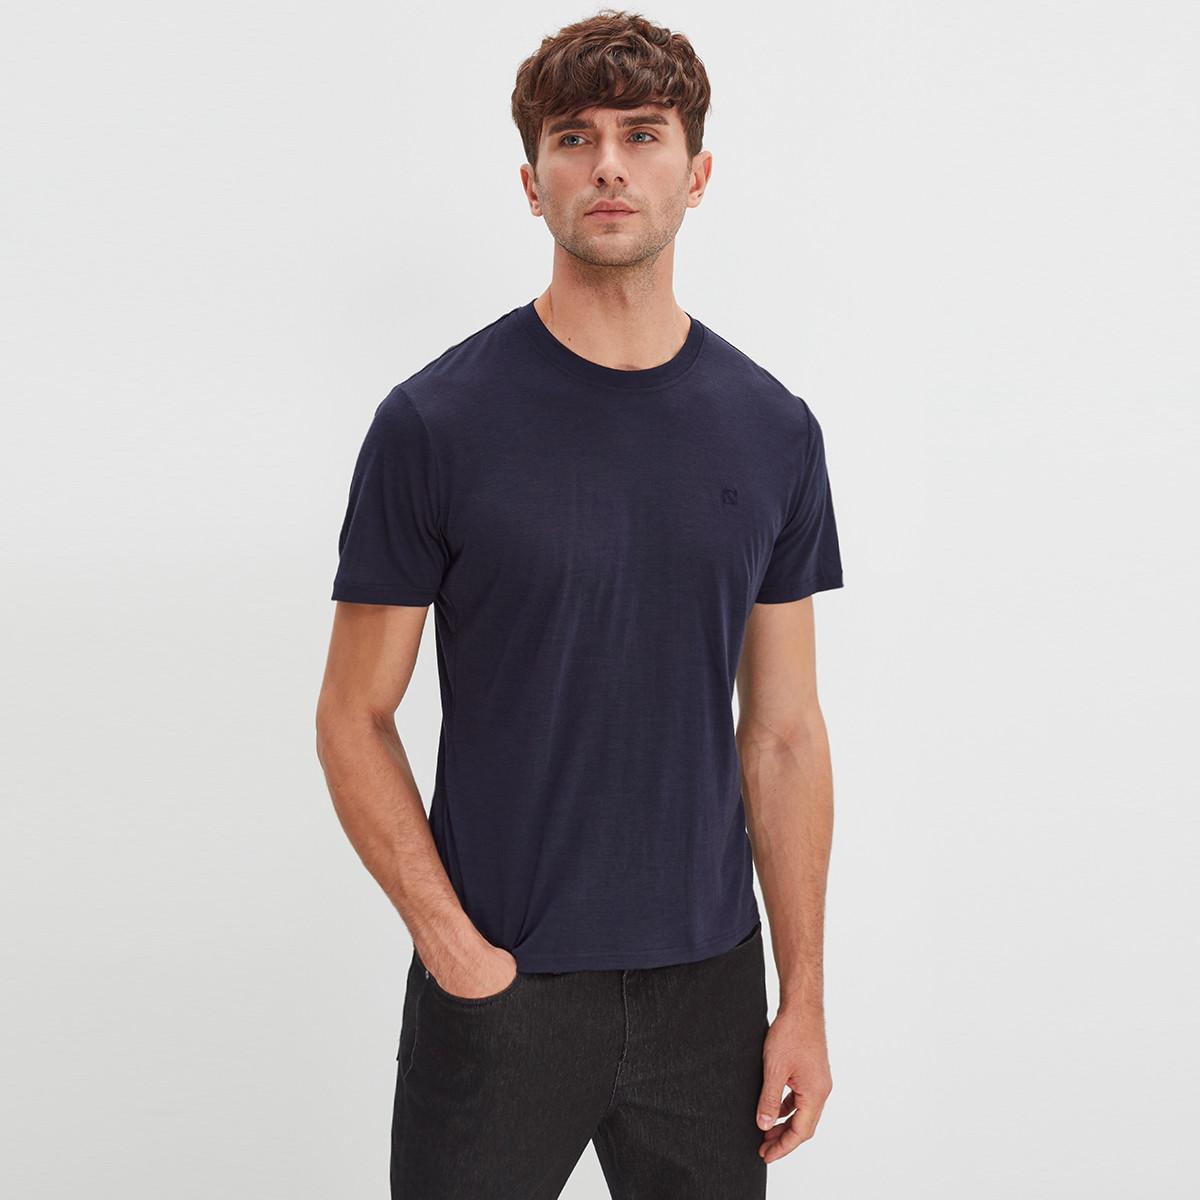 【优个精选】Naturally Inspired/天赋灵感 瑞典时尚品牌澳洲美丽诺羊毛男式短袖T恤基础三件装